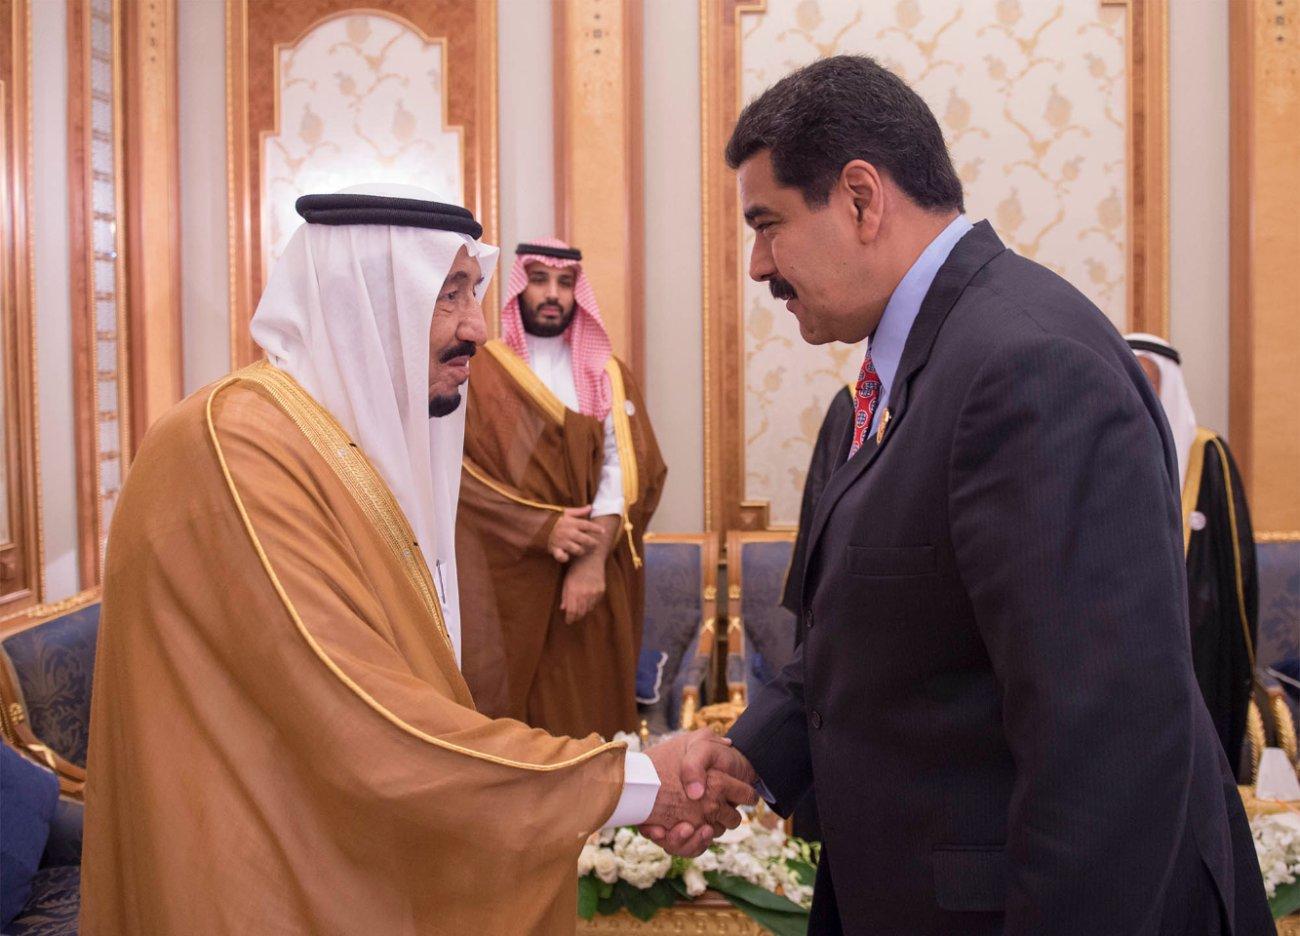 #خادم_الحرمين يلتقي رئيس #فنزويلا على هامش #قمة_الرياض (3)